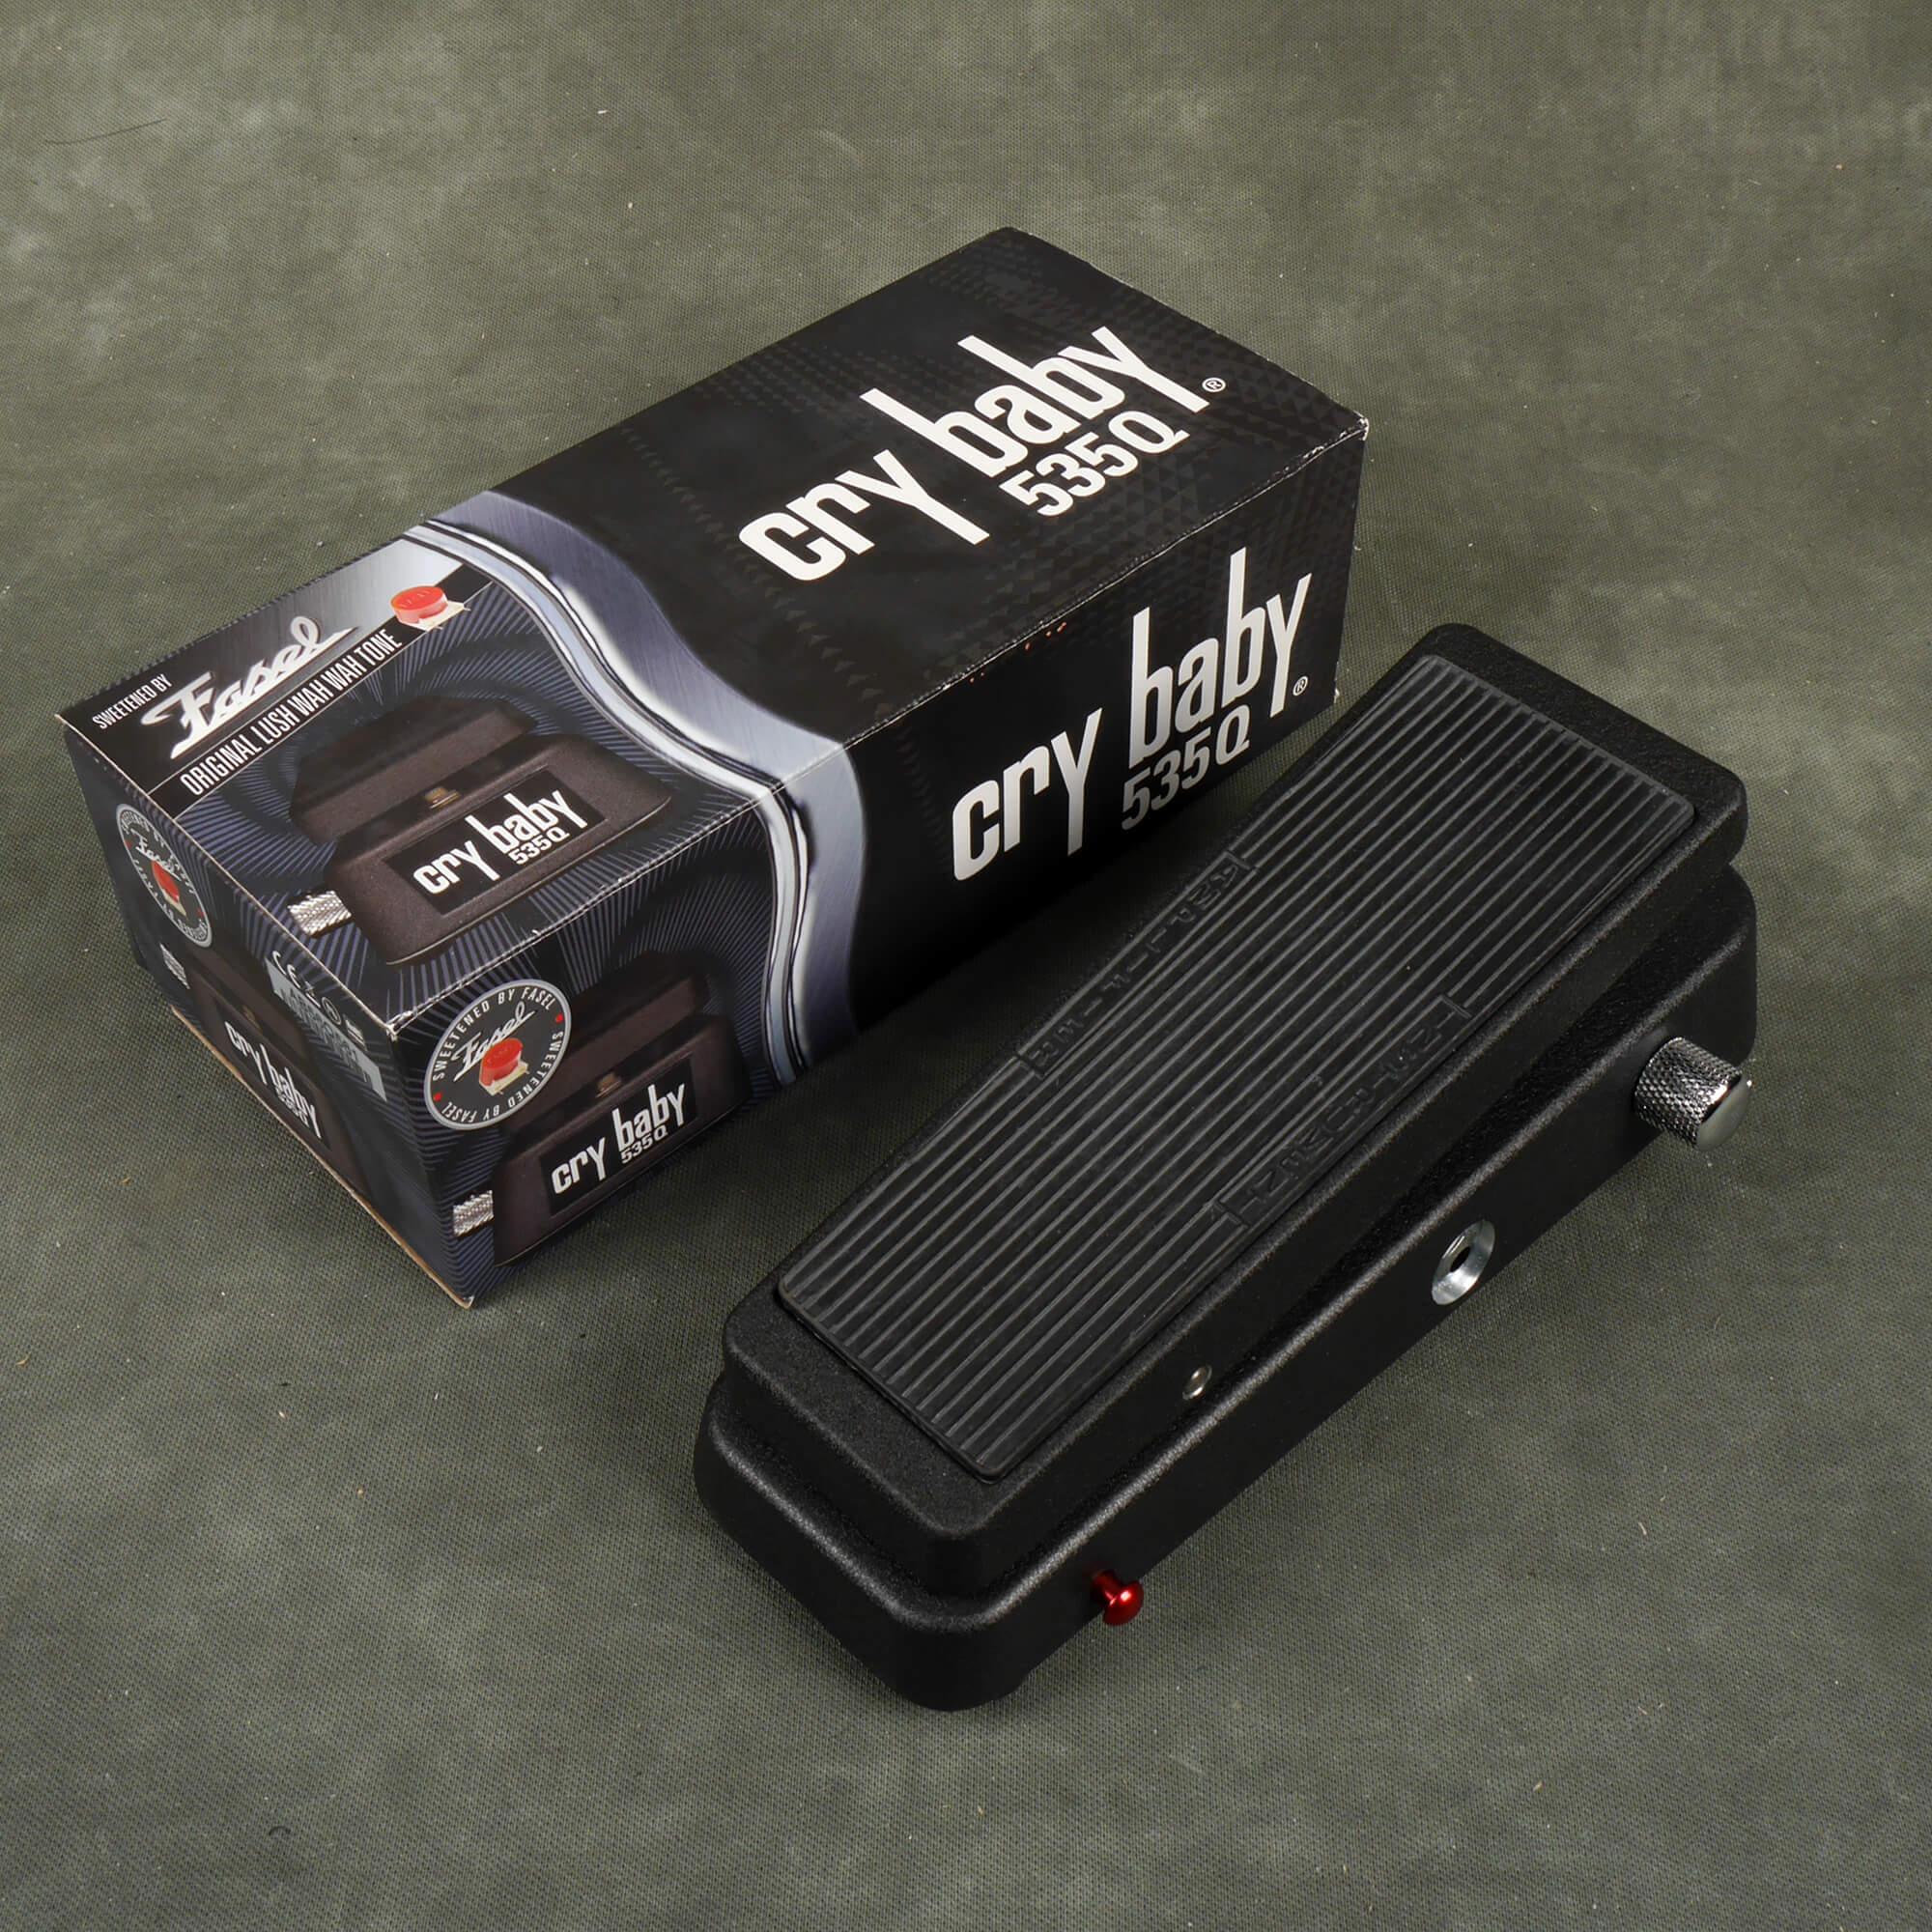 Dunlop 535Q Wah FX Pedal w/Box - 2nd Hand